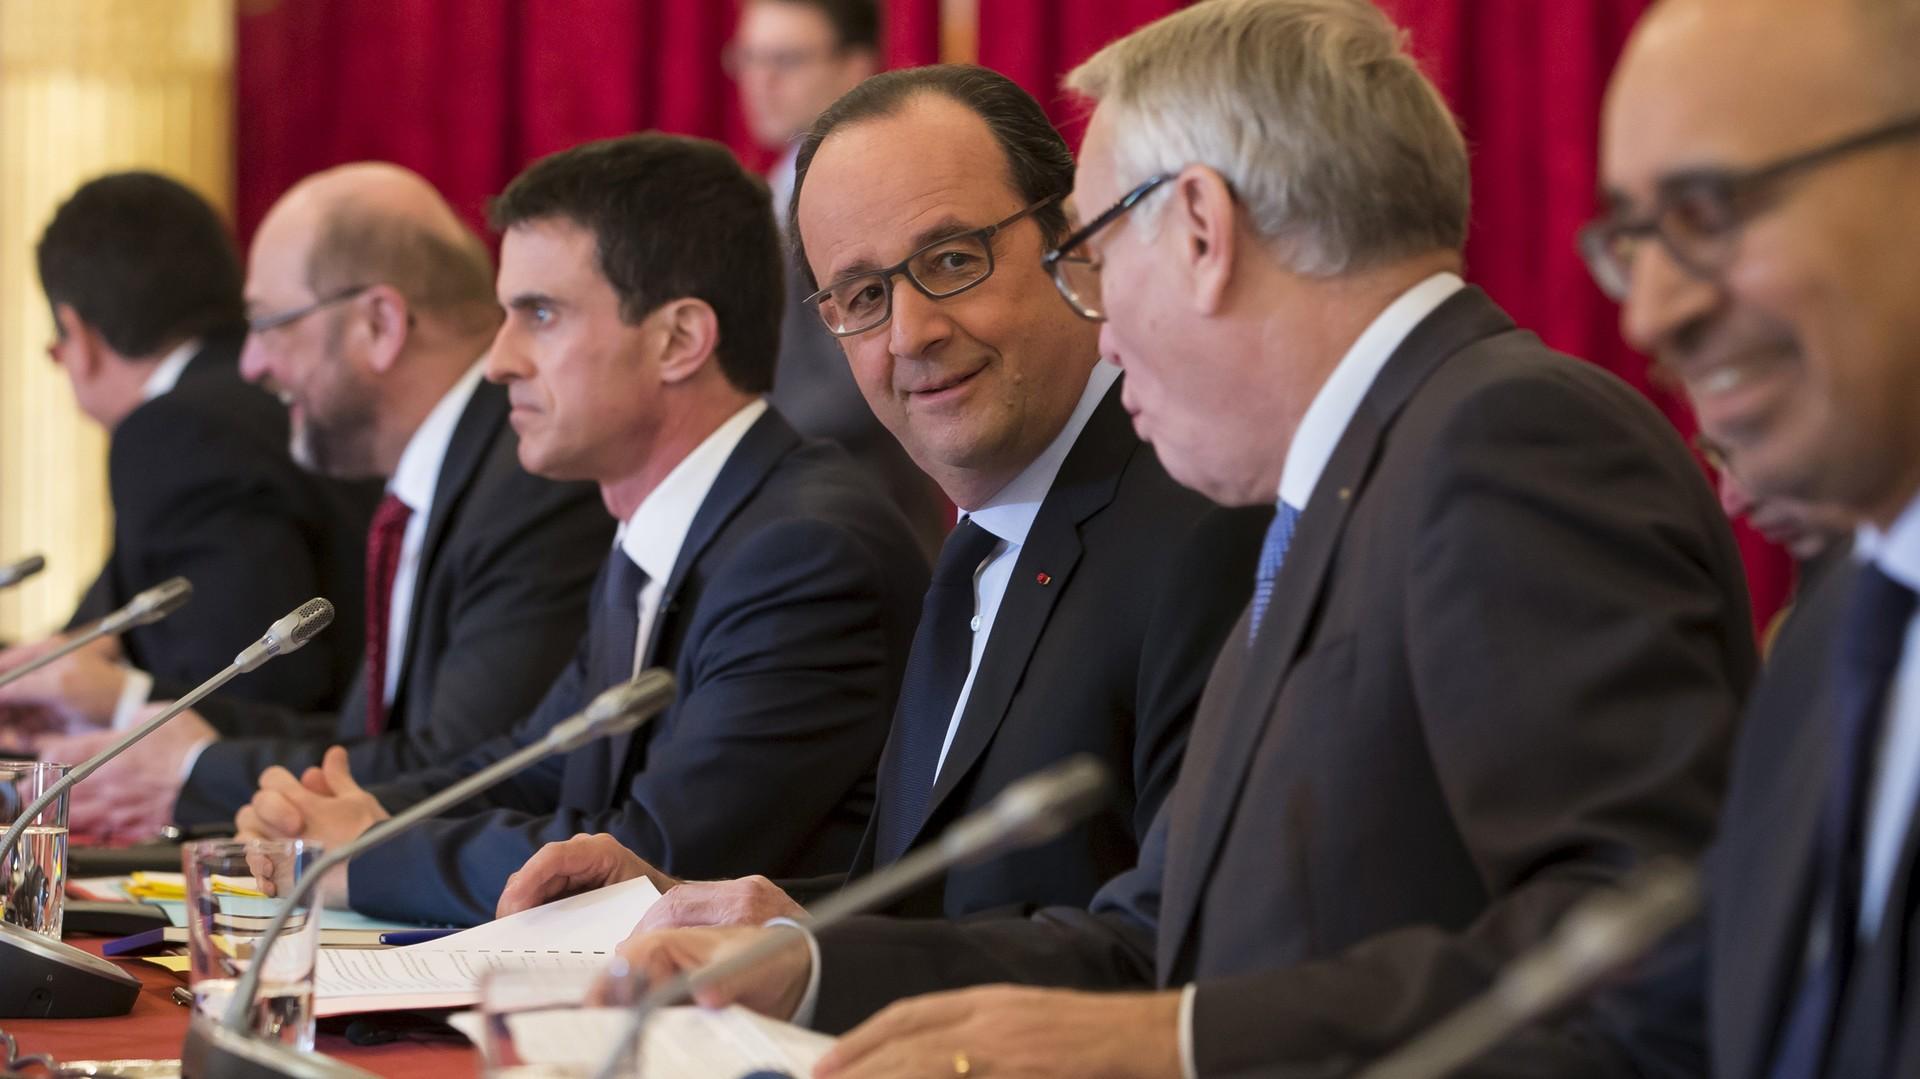 Αποτέλεσμα εικόνας για hollande tsipras socialistes aout 2016